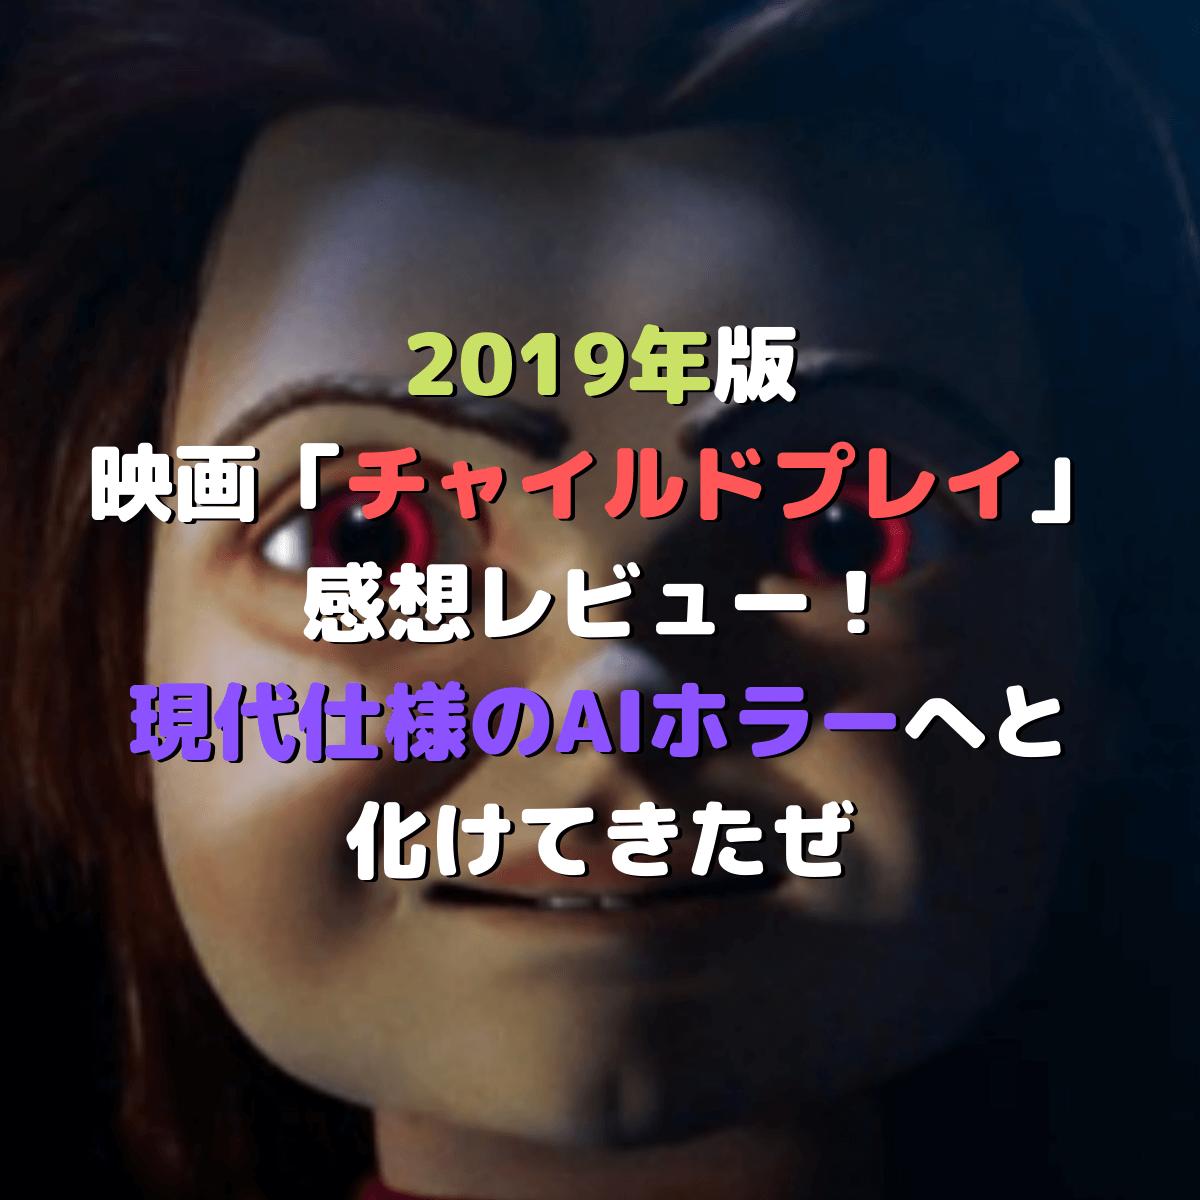 f:id:tosakax:20190726215950p:plain